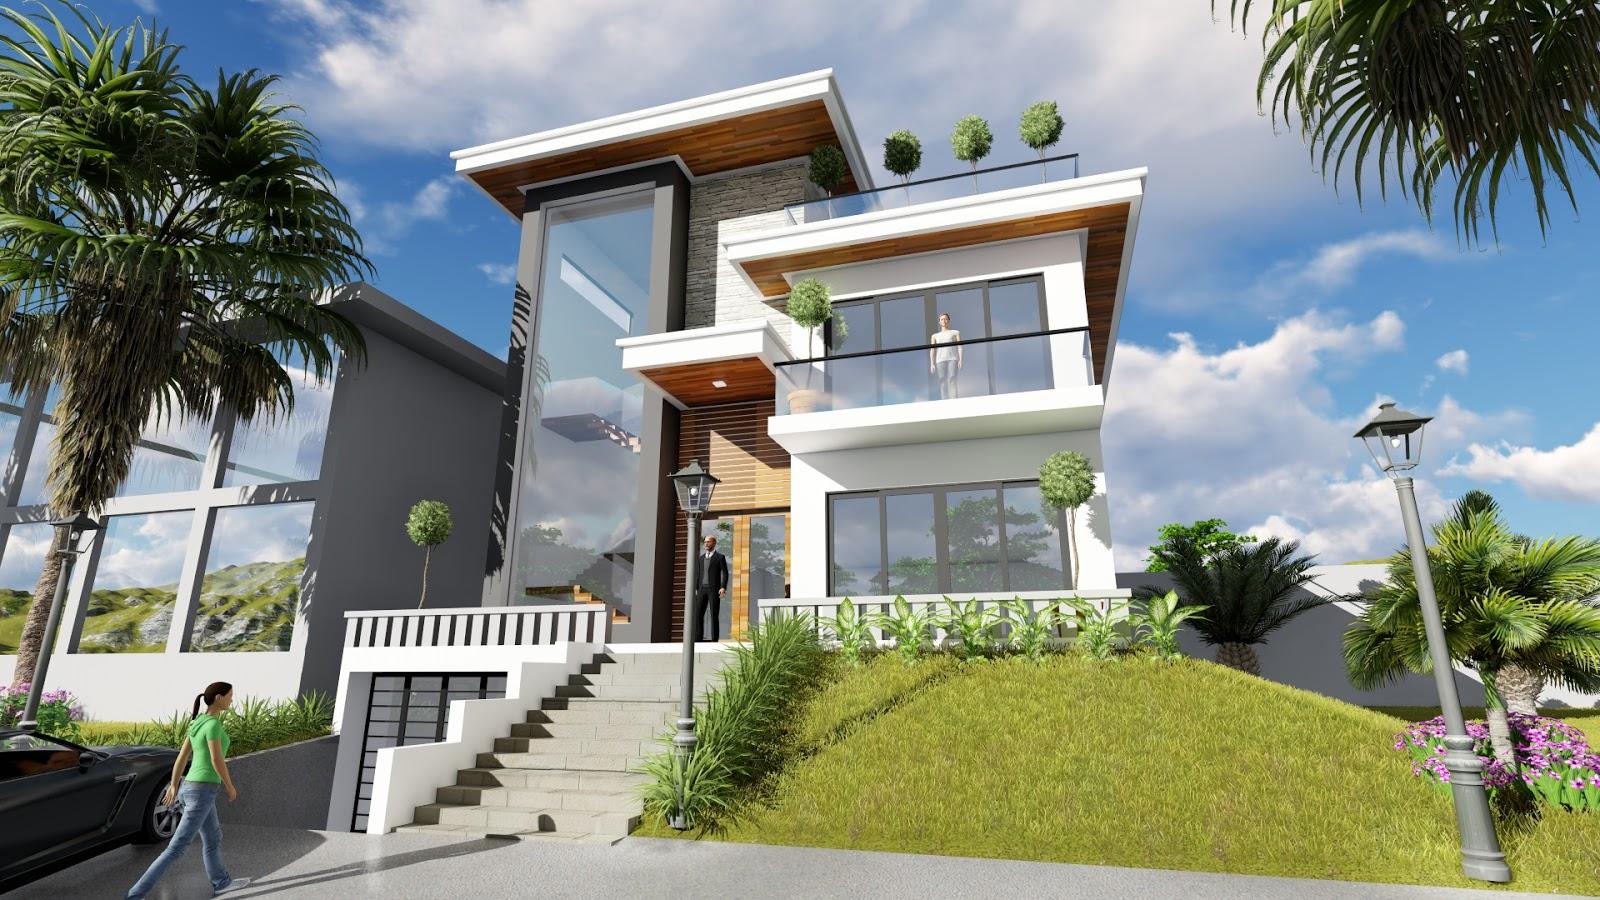 Sketchup exterior villa design drawing from elevation 3 for Exterior villa design photo gallery